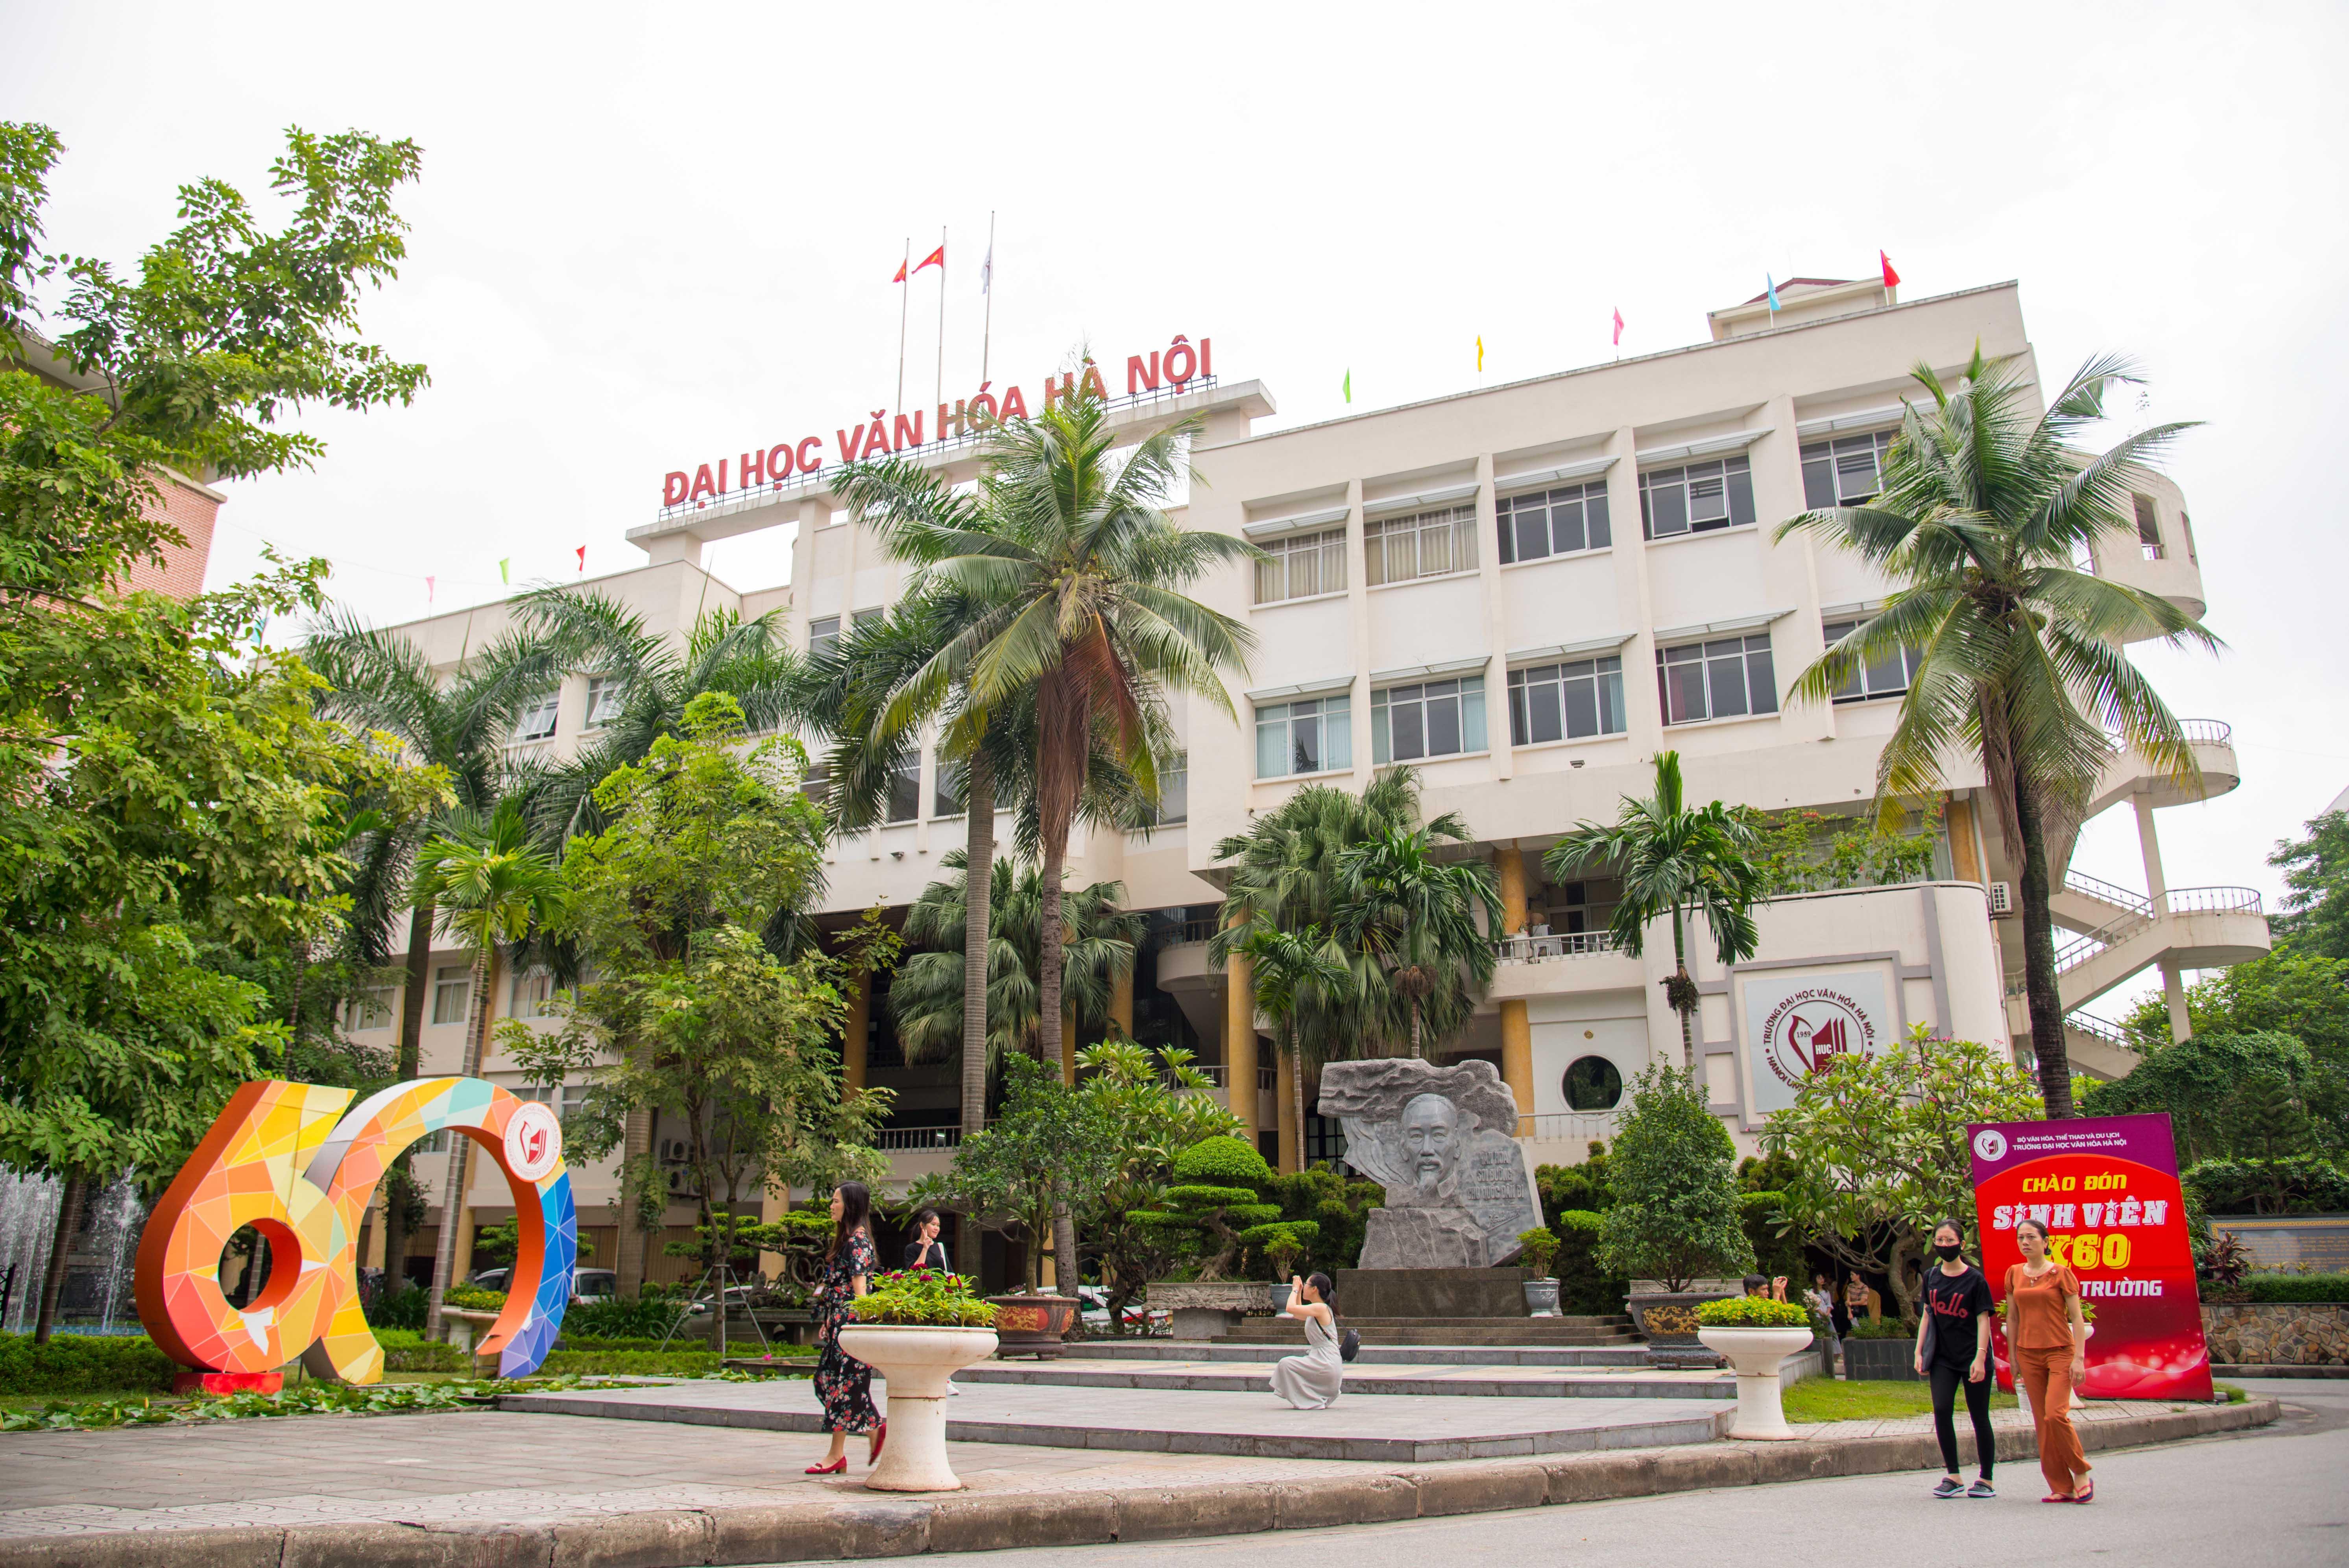 Đại học Văn hóa Hà Nội: Chào đón Tân sinh viên K60 nhập trường